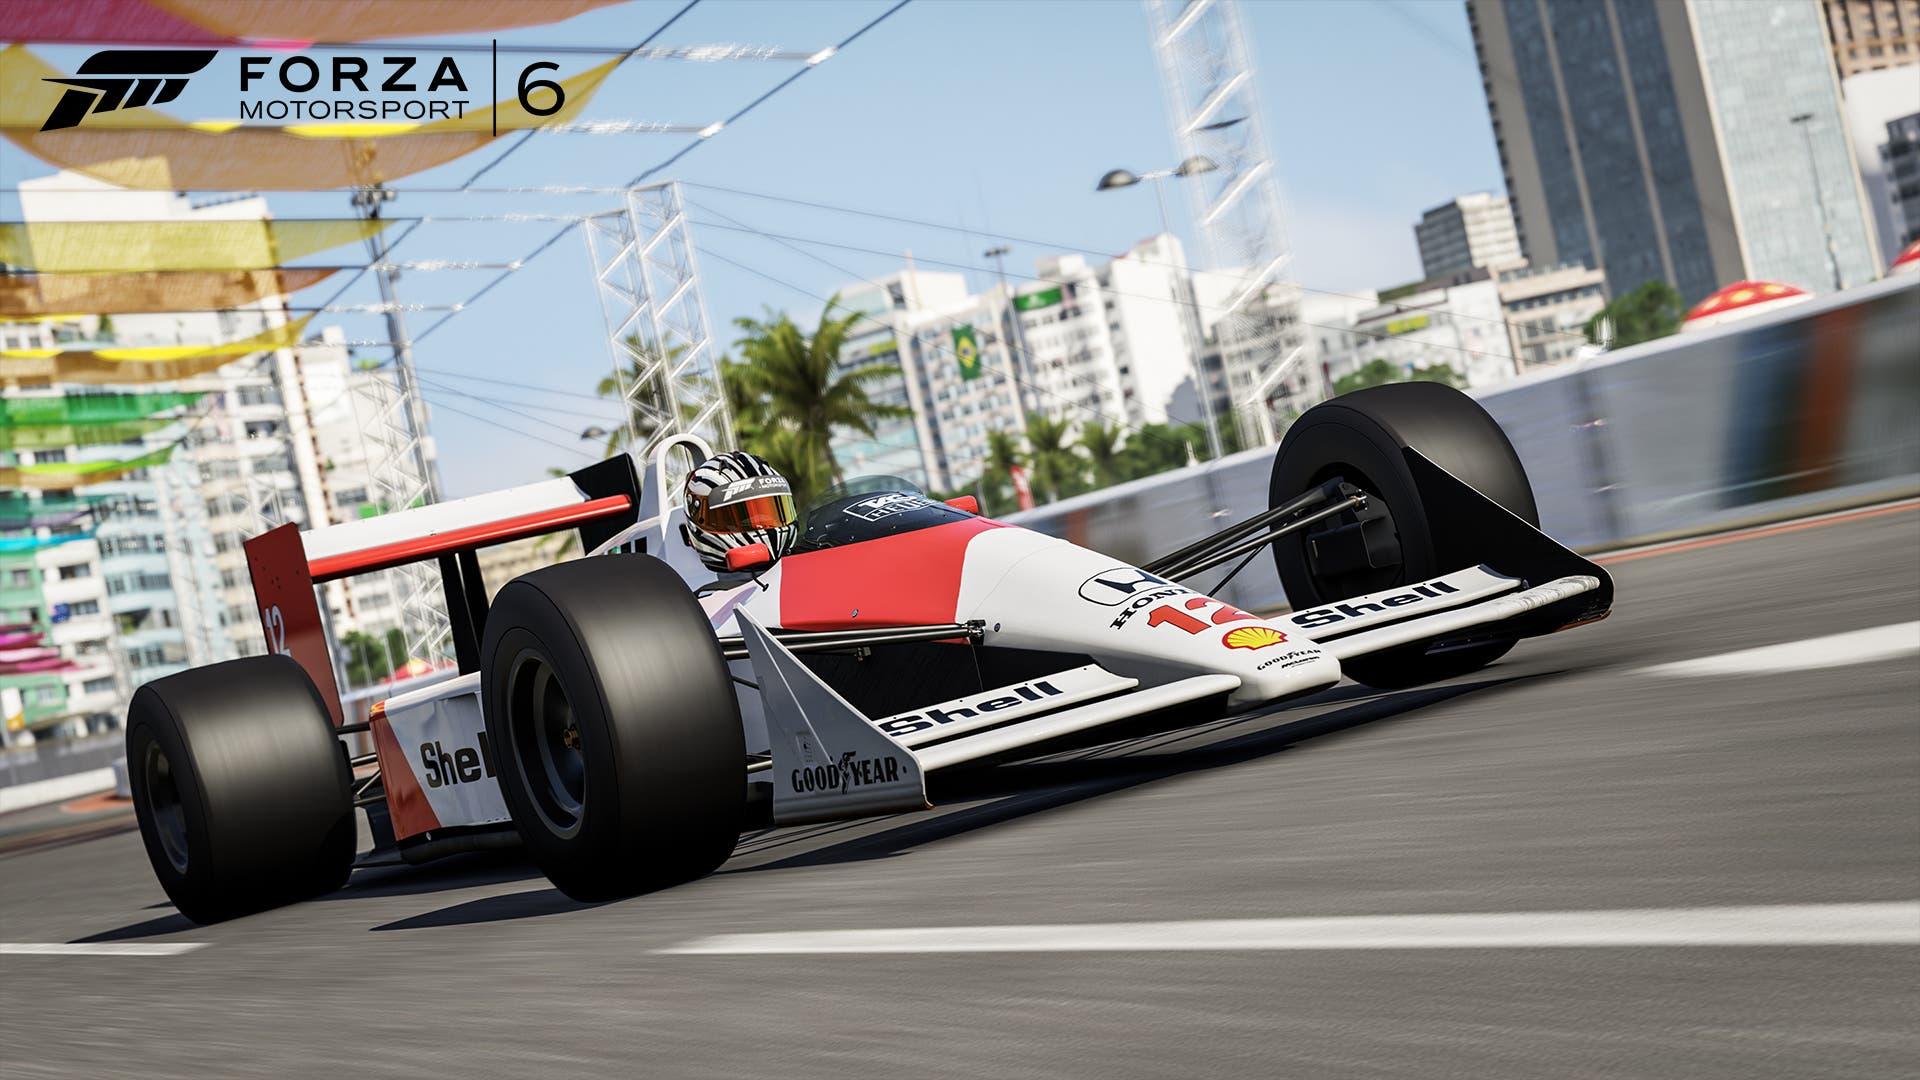 NovDLC_McLaren12HondaMcLaren_Forza6_WM